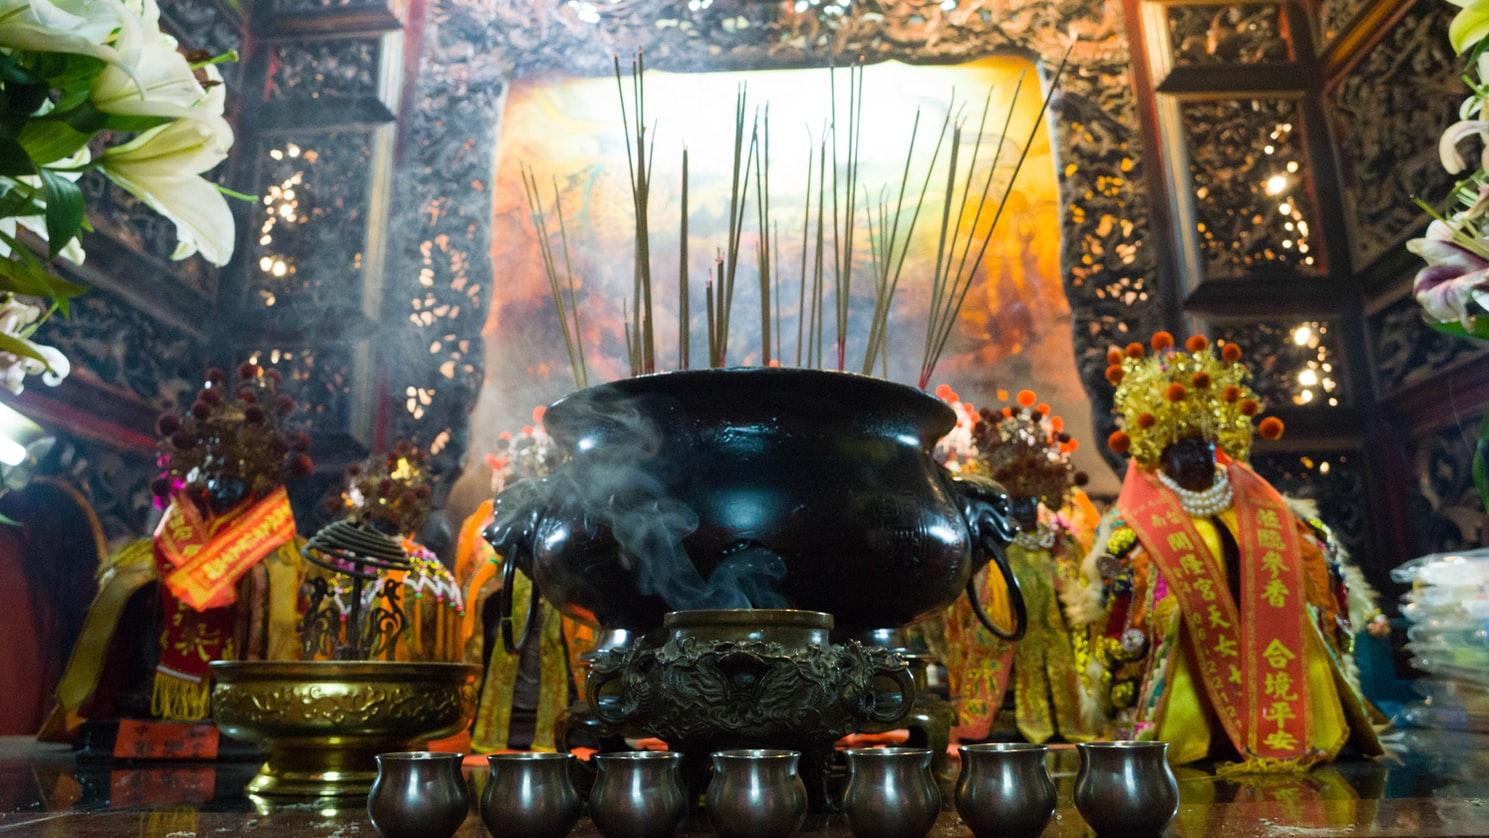 Räucherstäbchen im Tempel in Tainan Taiwan